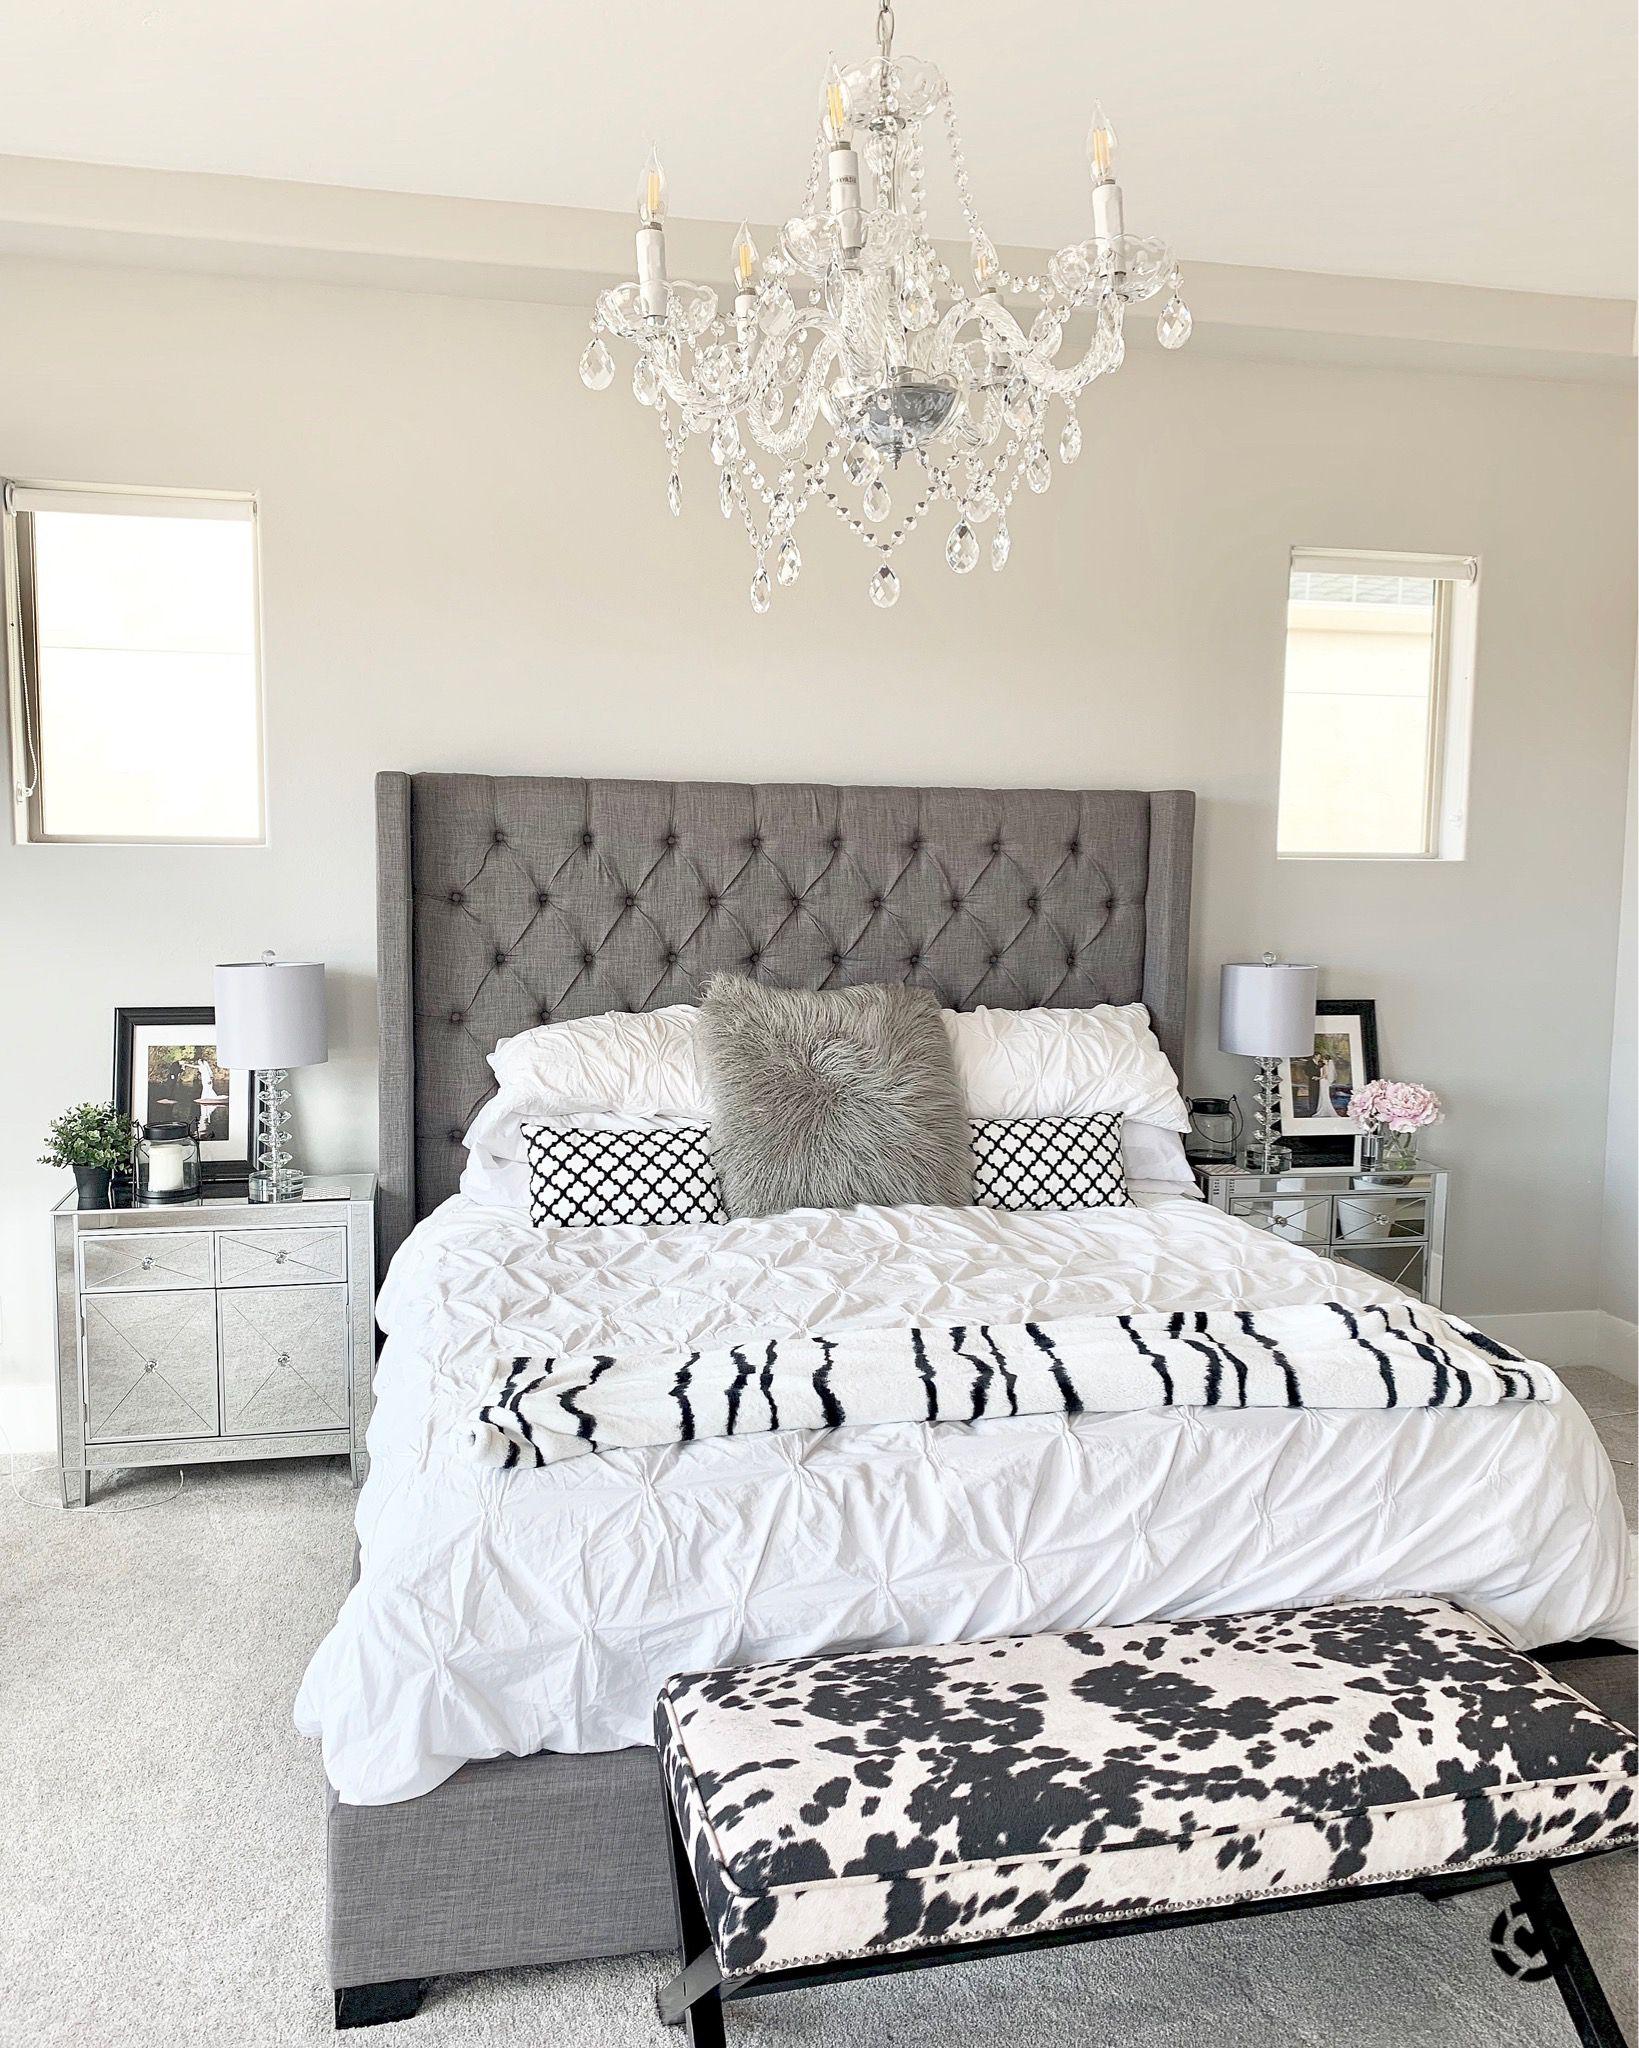 Glam Girls's Modern Farmhouse Glam Master Bedroom Glam